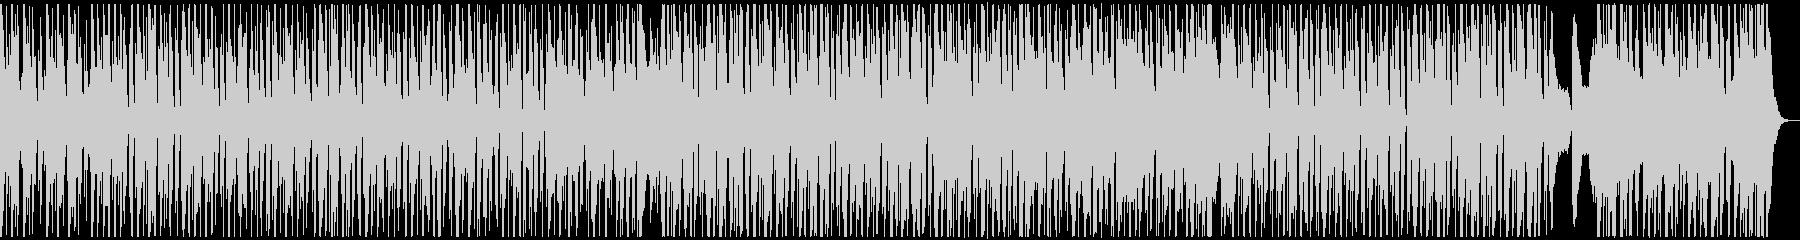 リコーダーとウクレレが楽しいポップスの未再生の波形